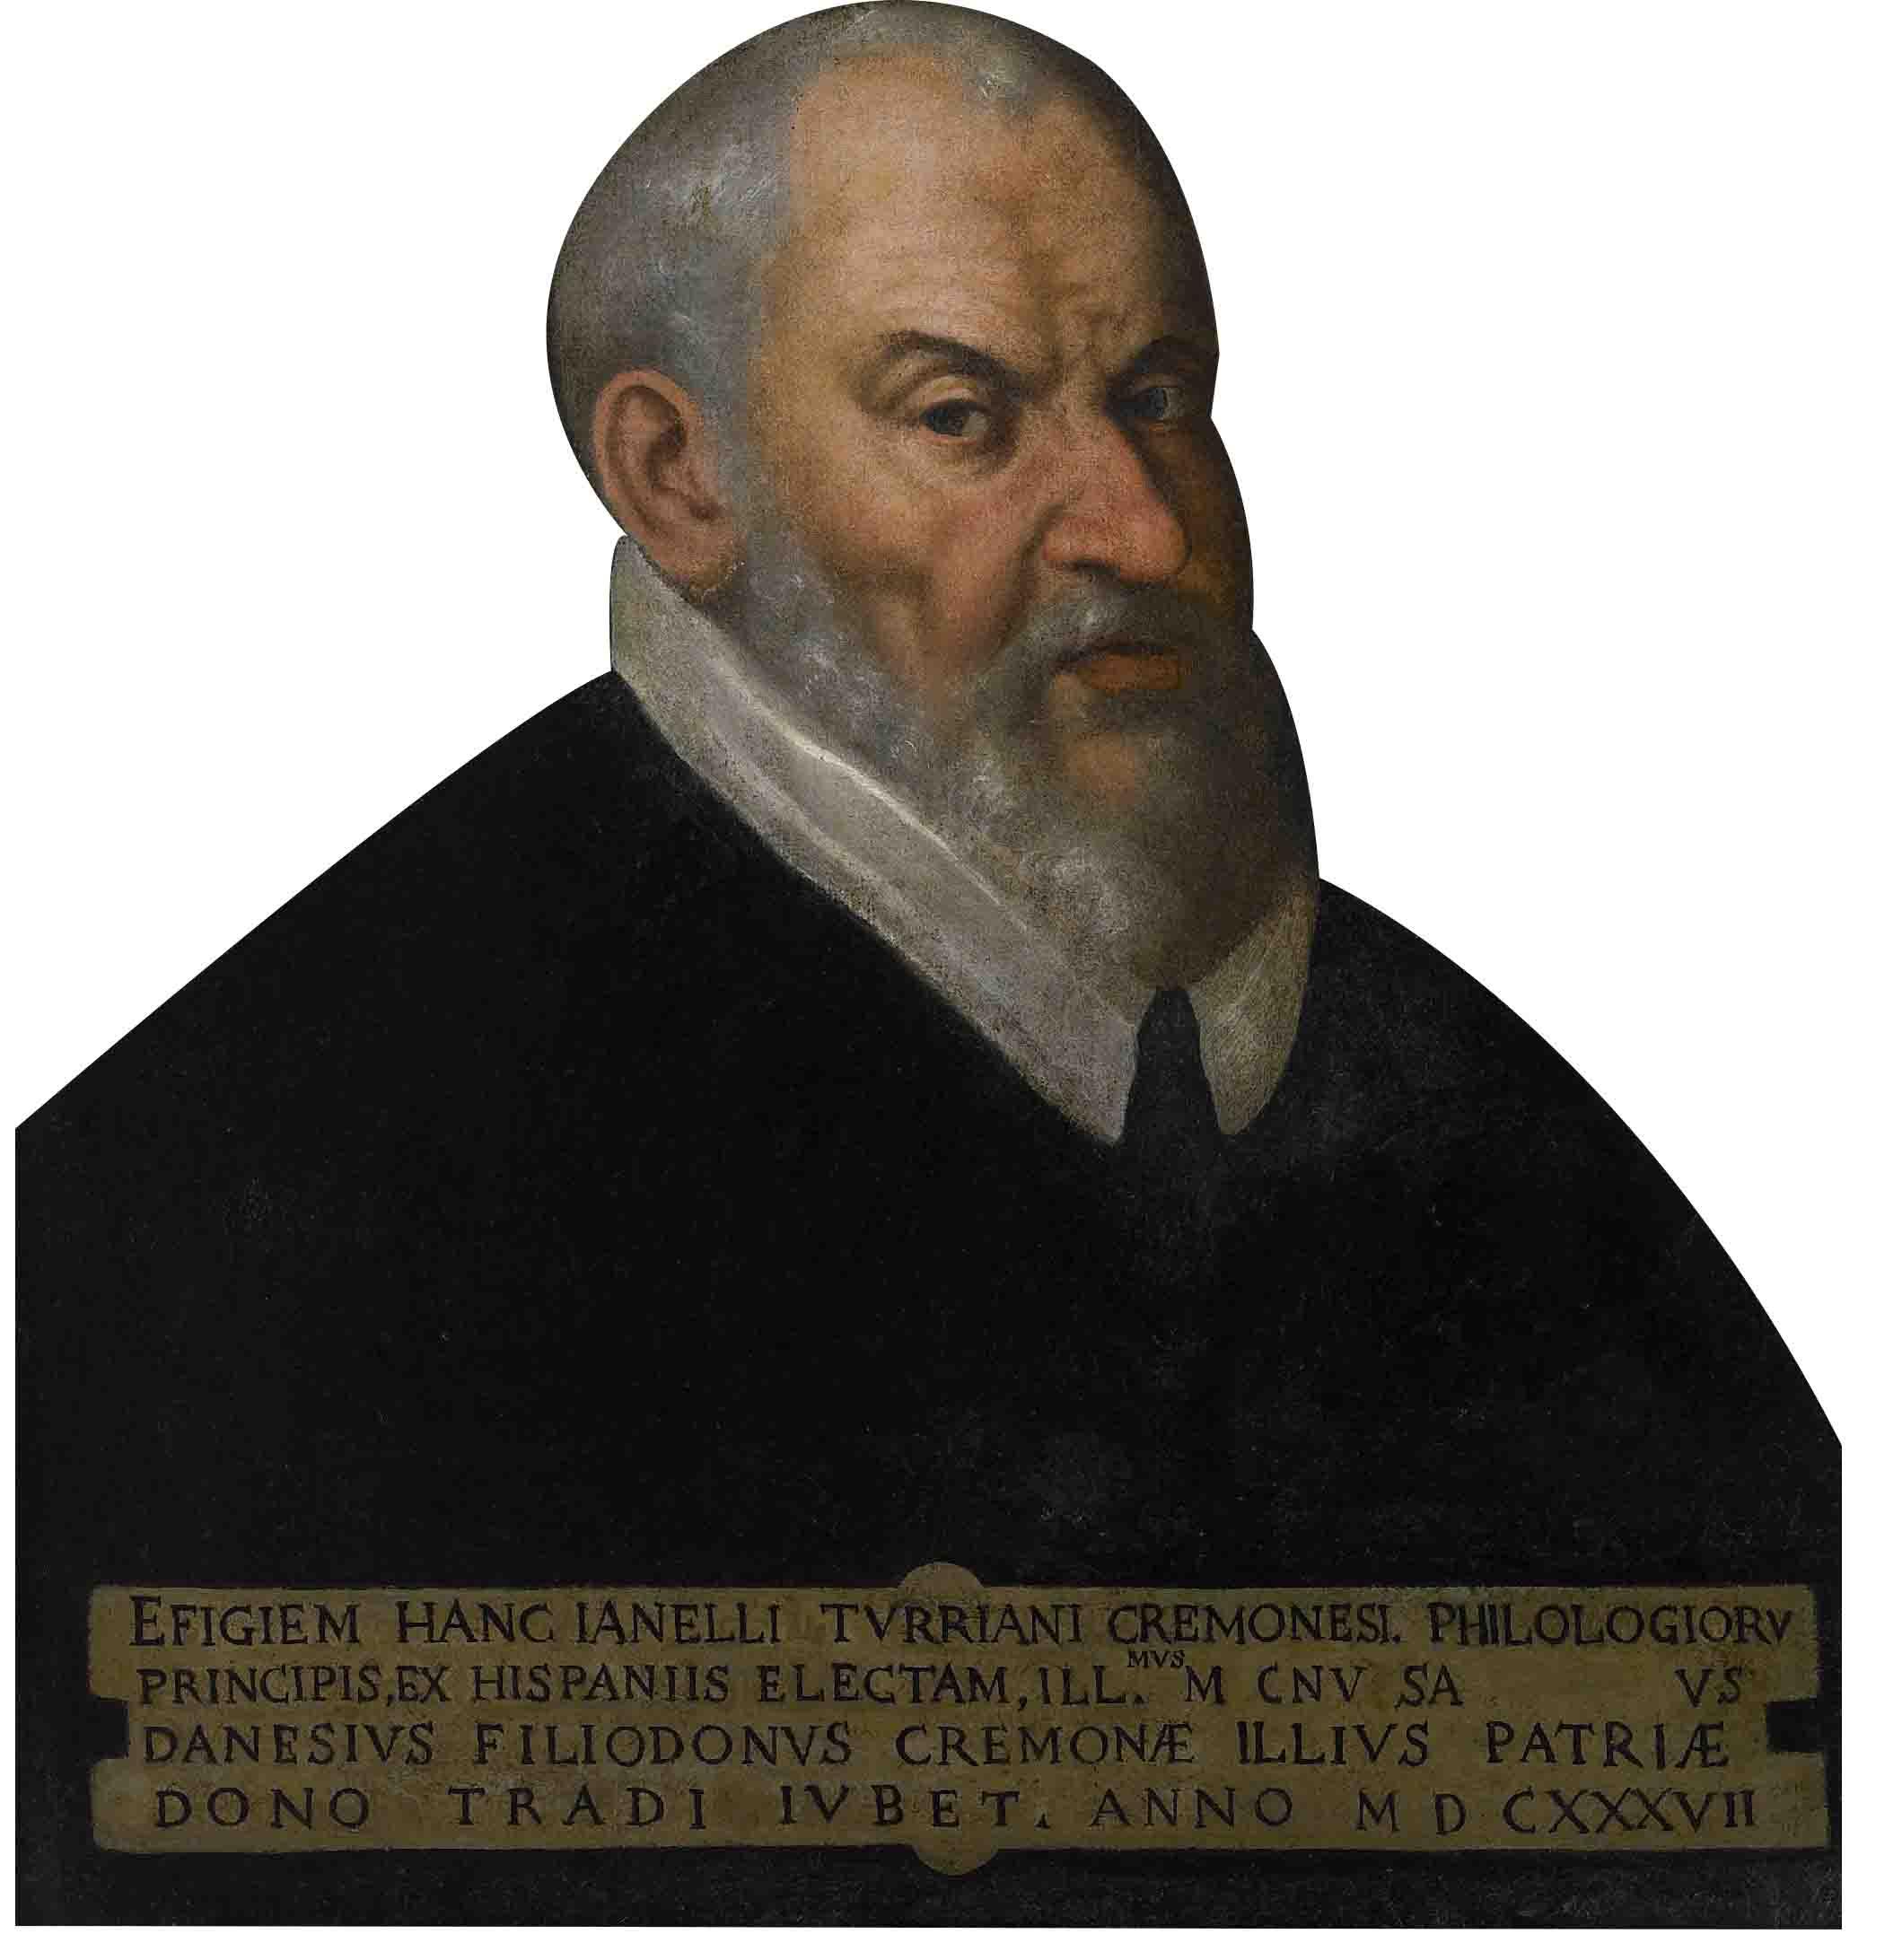 Pittore spagnolo dell'ultimo quarto del Cinquecento, ritratto di Gianello Torriani (Cremona, Museo Civico Ala Ponzone)